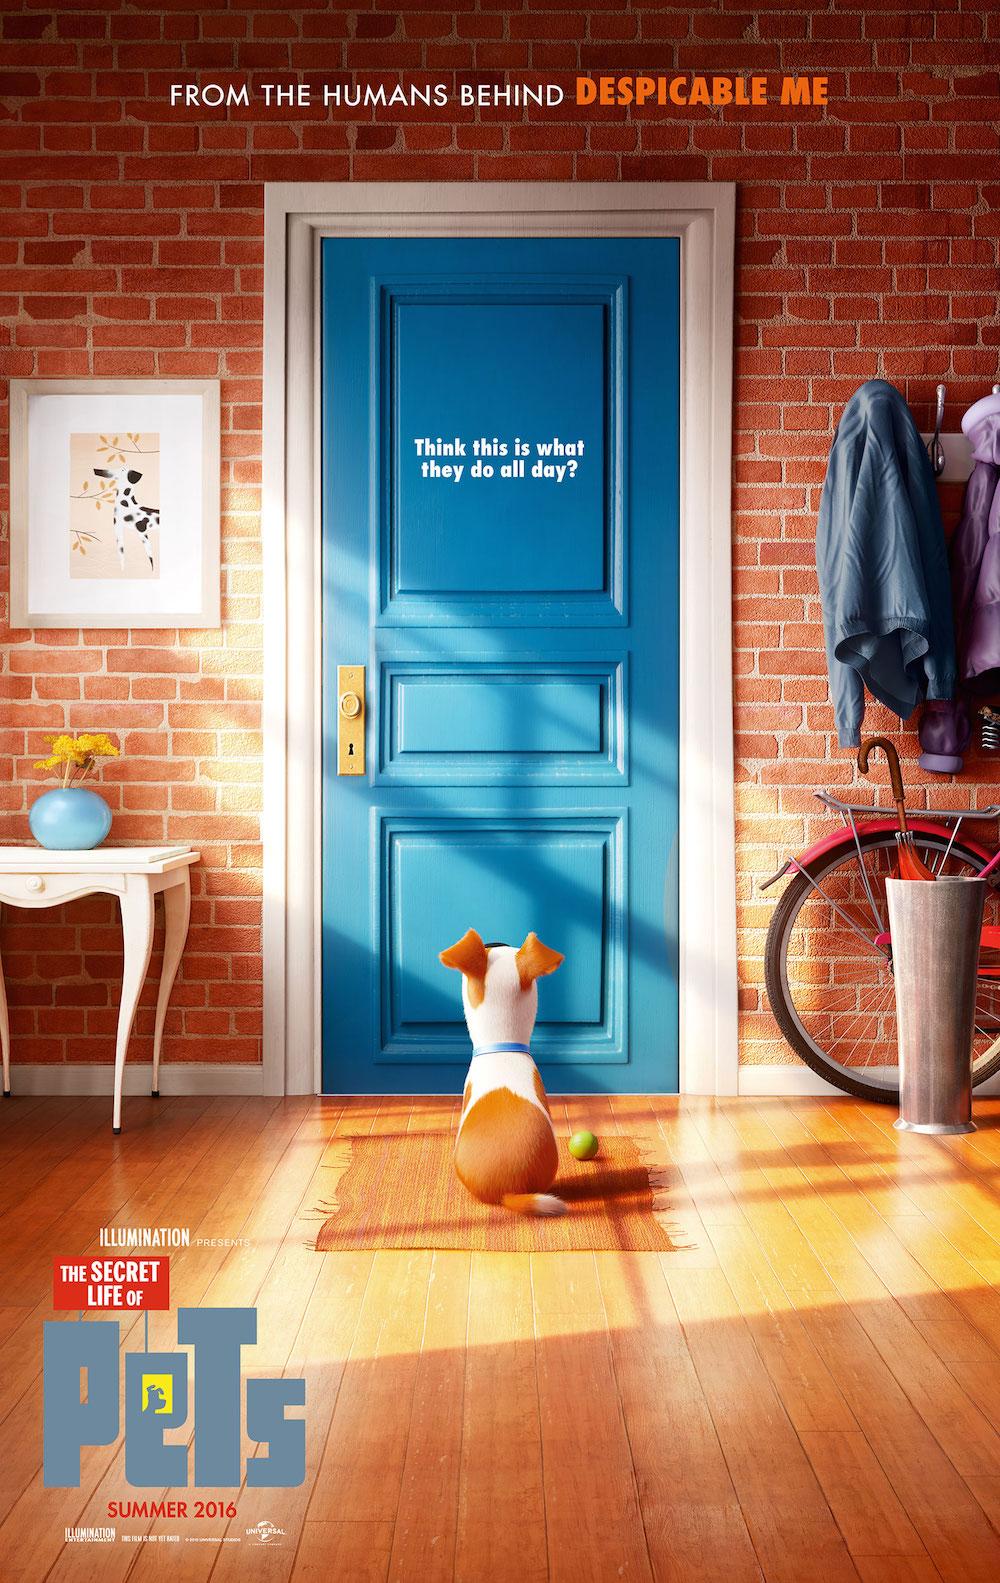 Film Terbaru 2016 The Secret Life of Pets